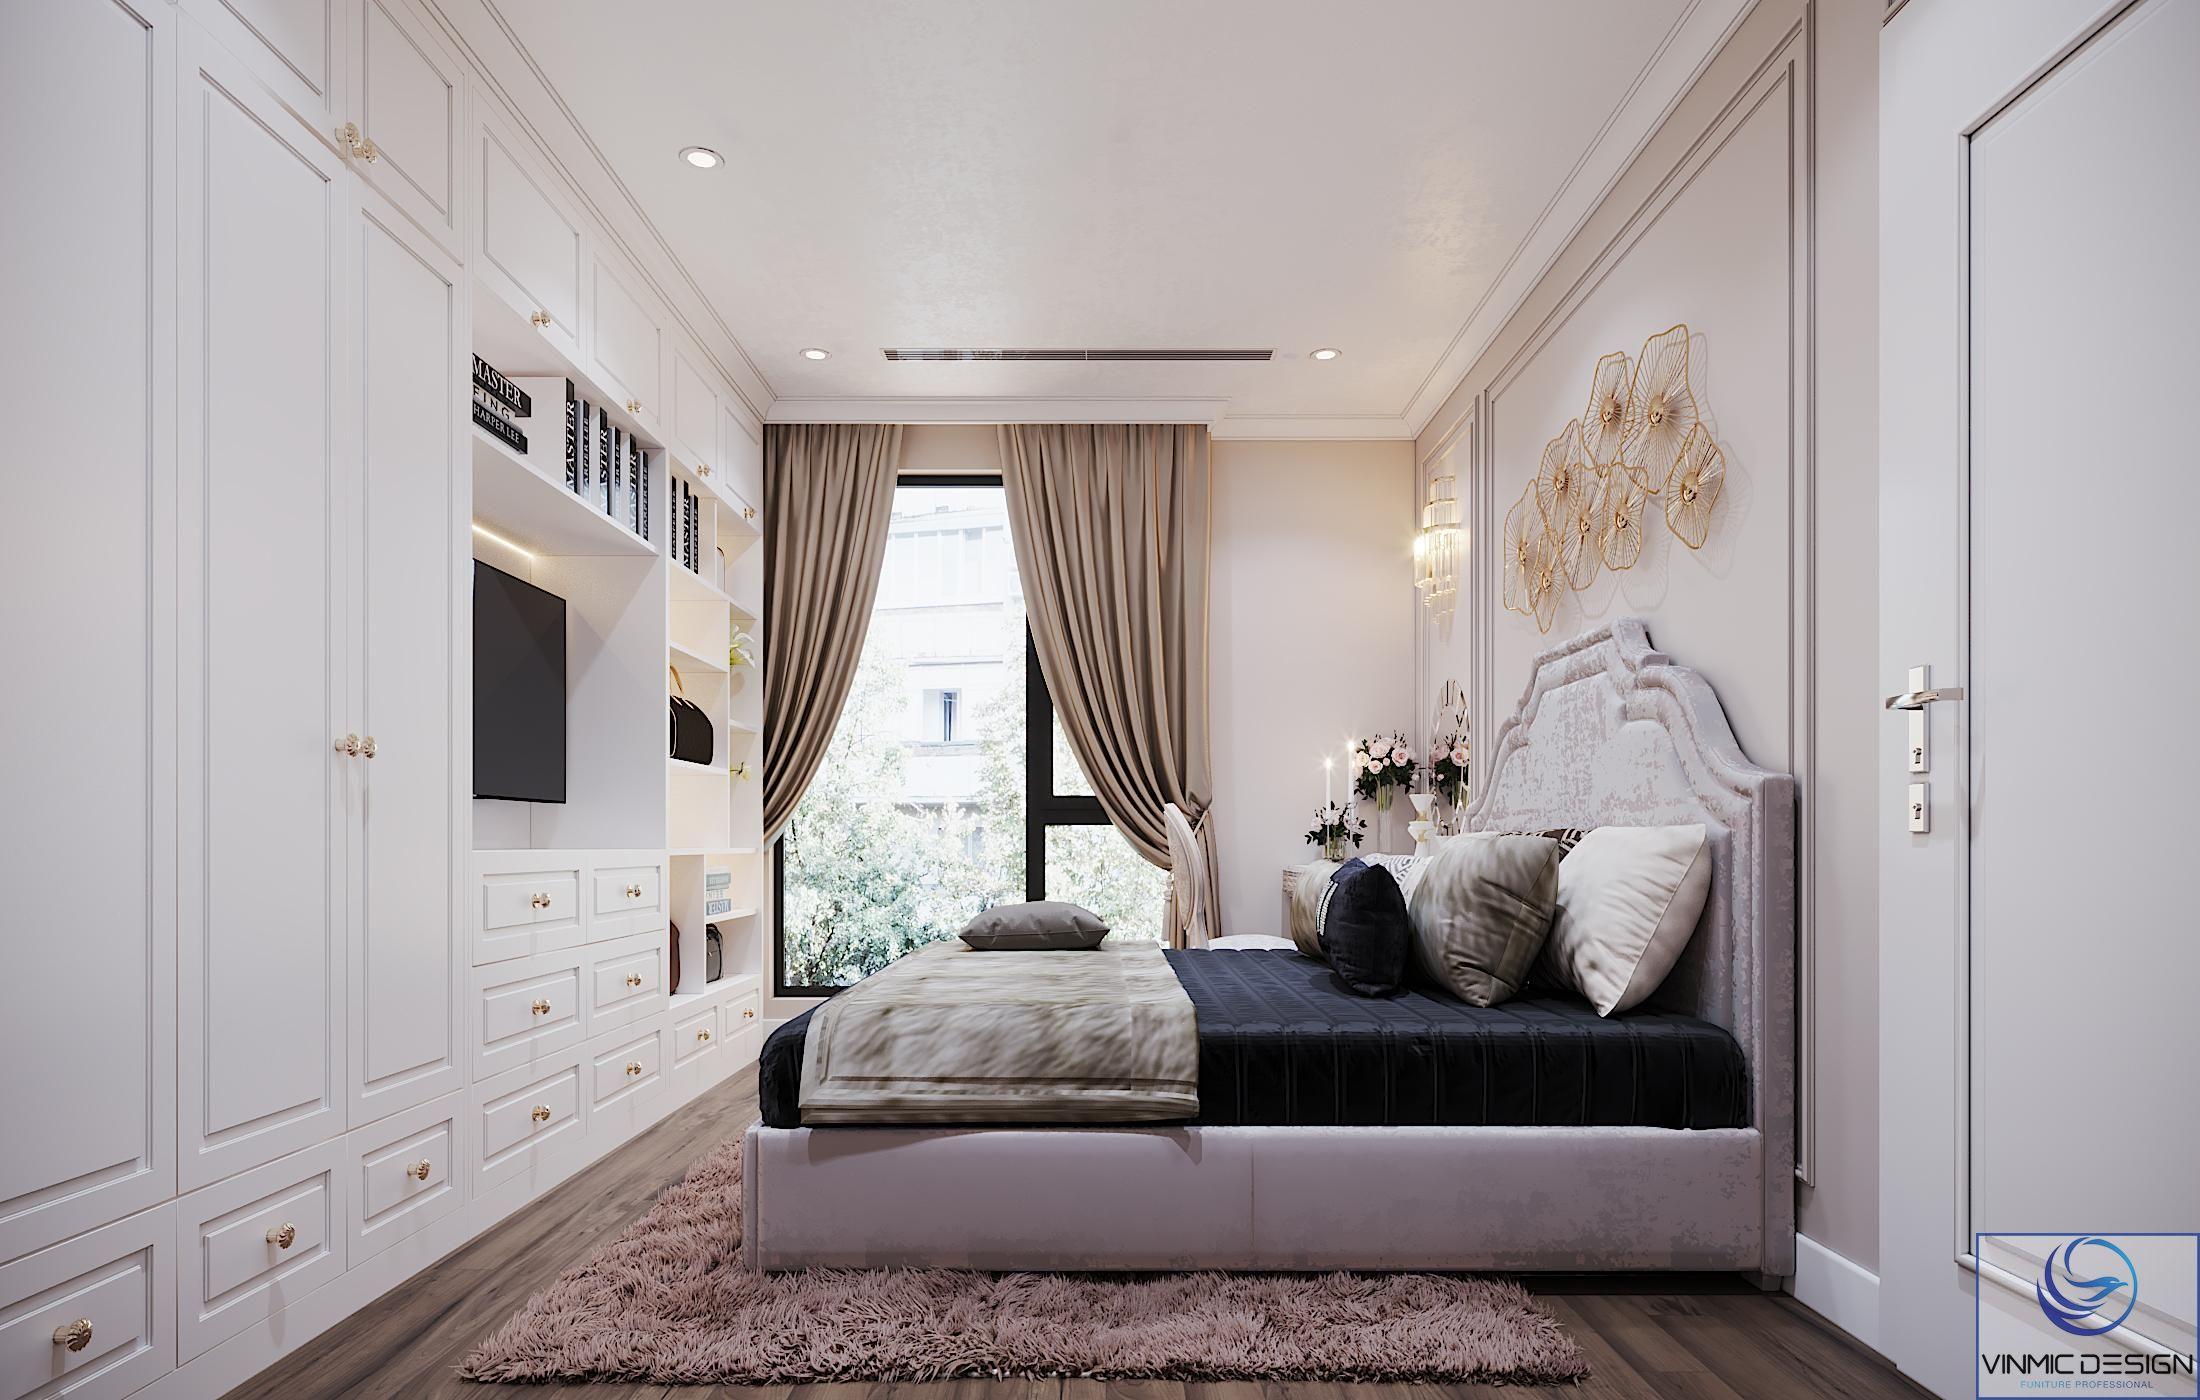 Giường được bọc nỉ tạo nên sự ấm áp.